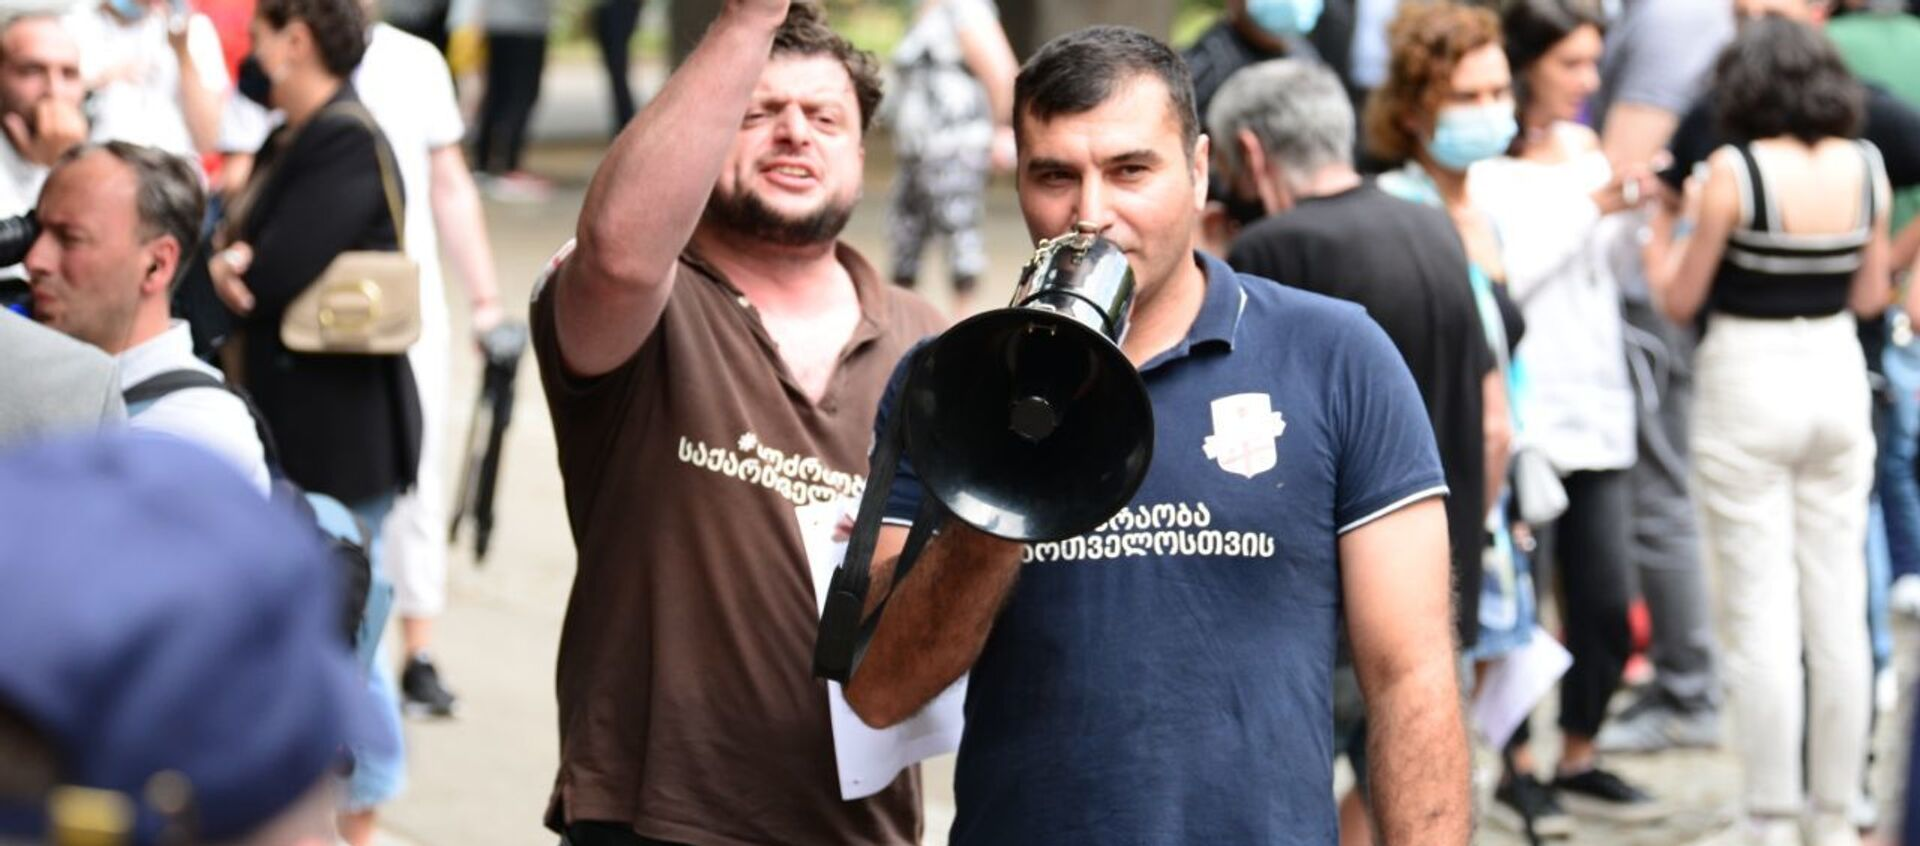 Акция протеста против партии Гахария 29 мая 2021 года - Sputnik Грузия, 1920, 29.05.2021